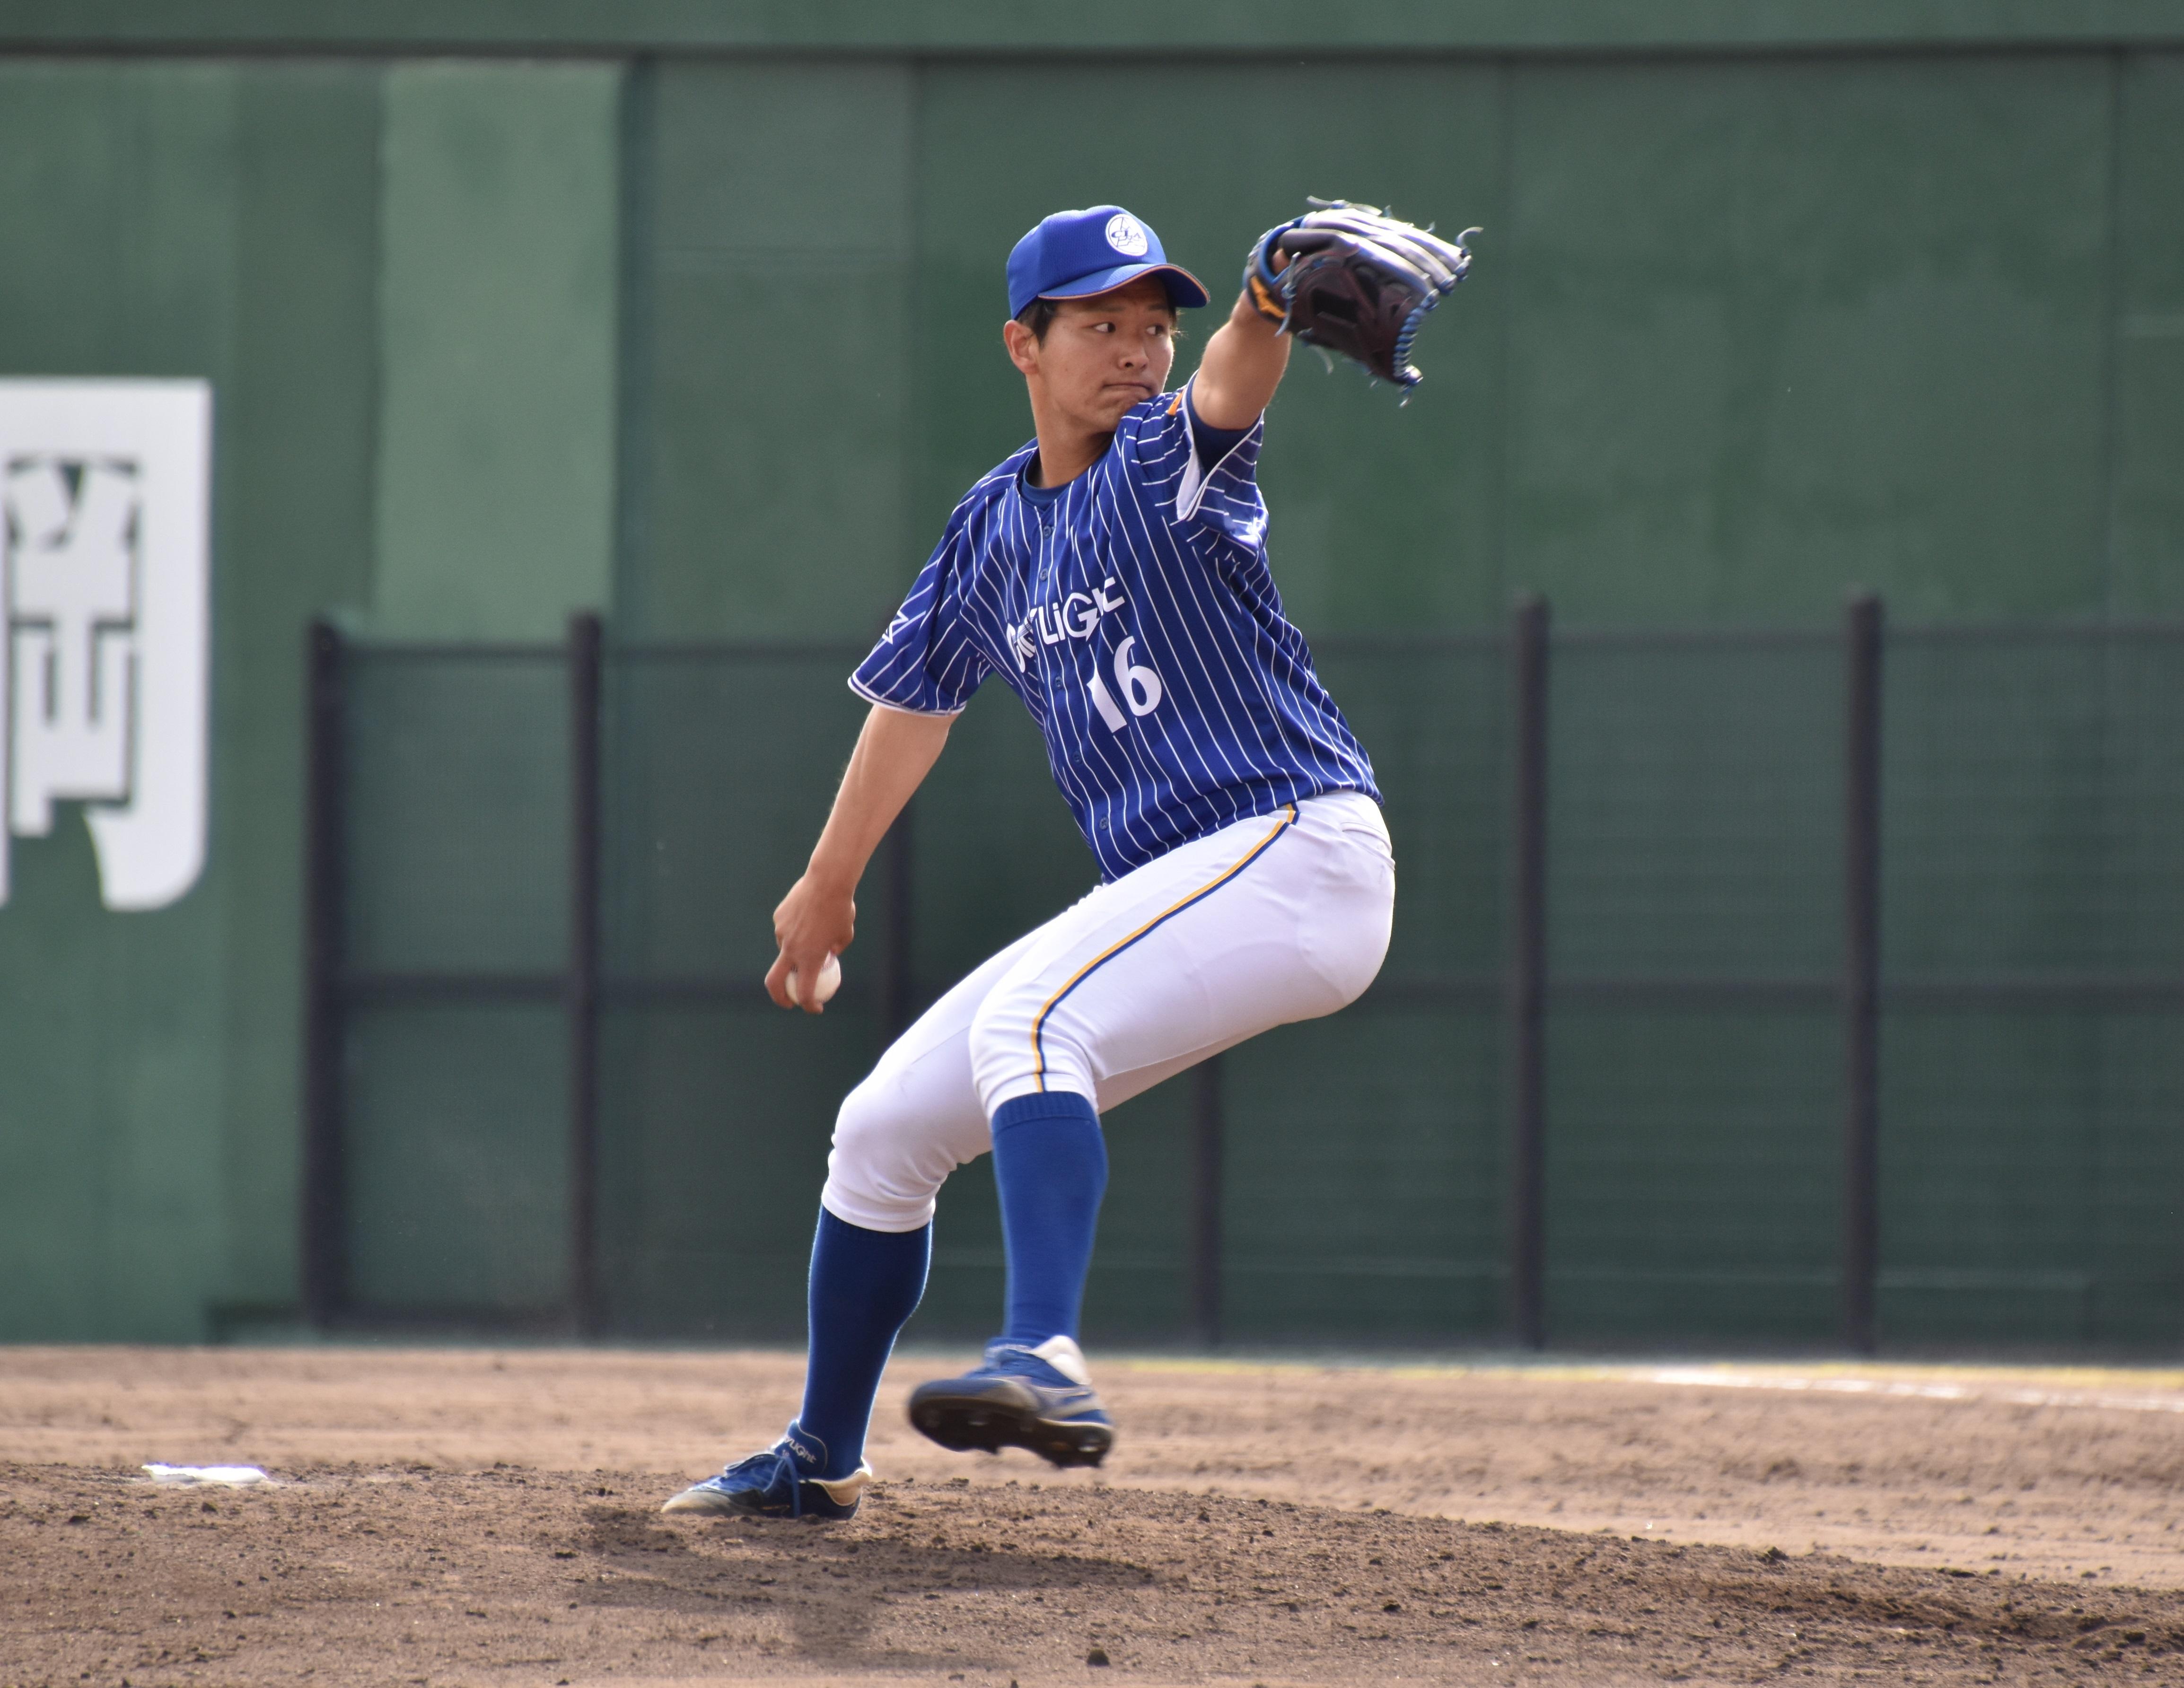 馬場康一郎(ばば・こういちろう)・・・1997年1月29日生まれ。長崎県諫早市出身。飯森中(軟式)→諫早高→福岡大。186cm87㎏。右投右打。投手。